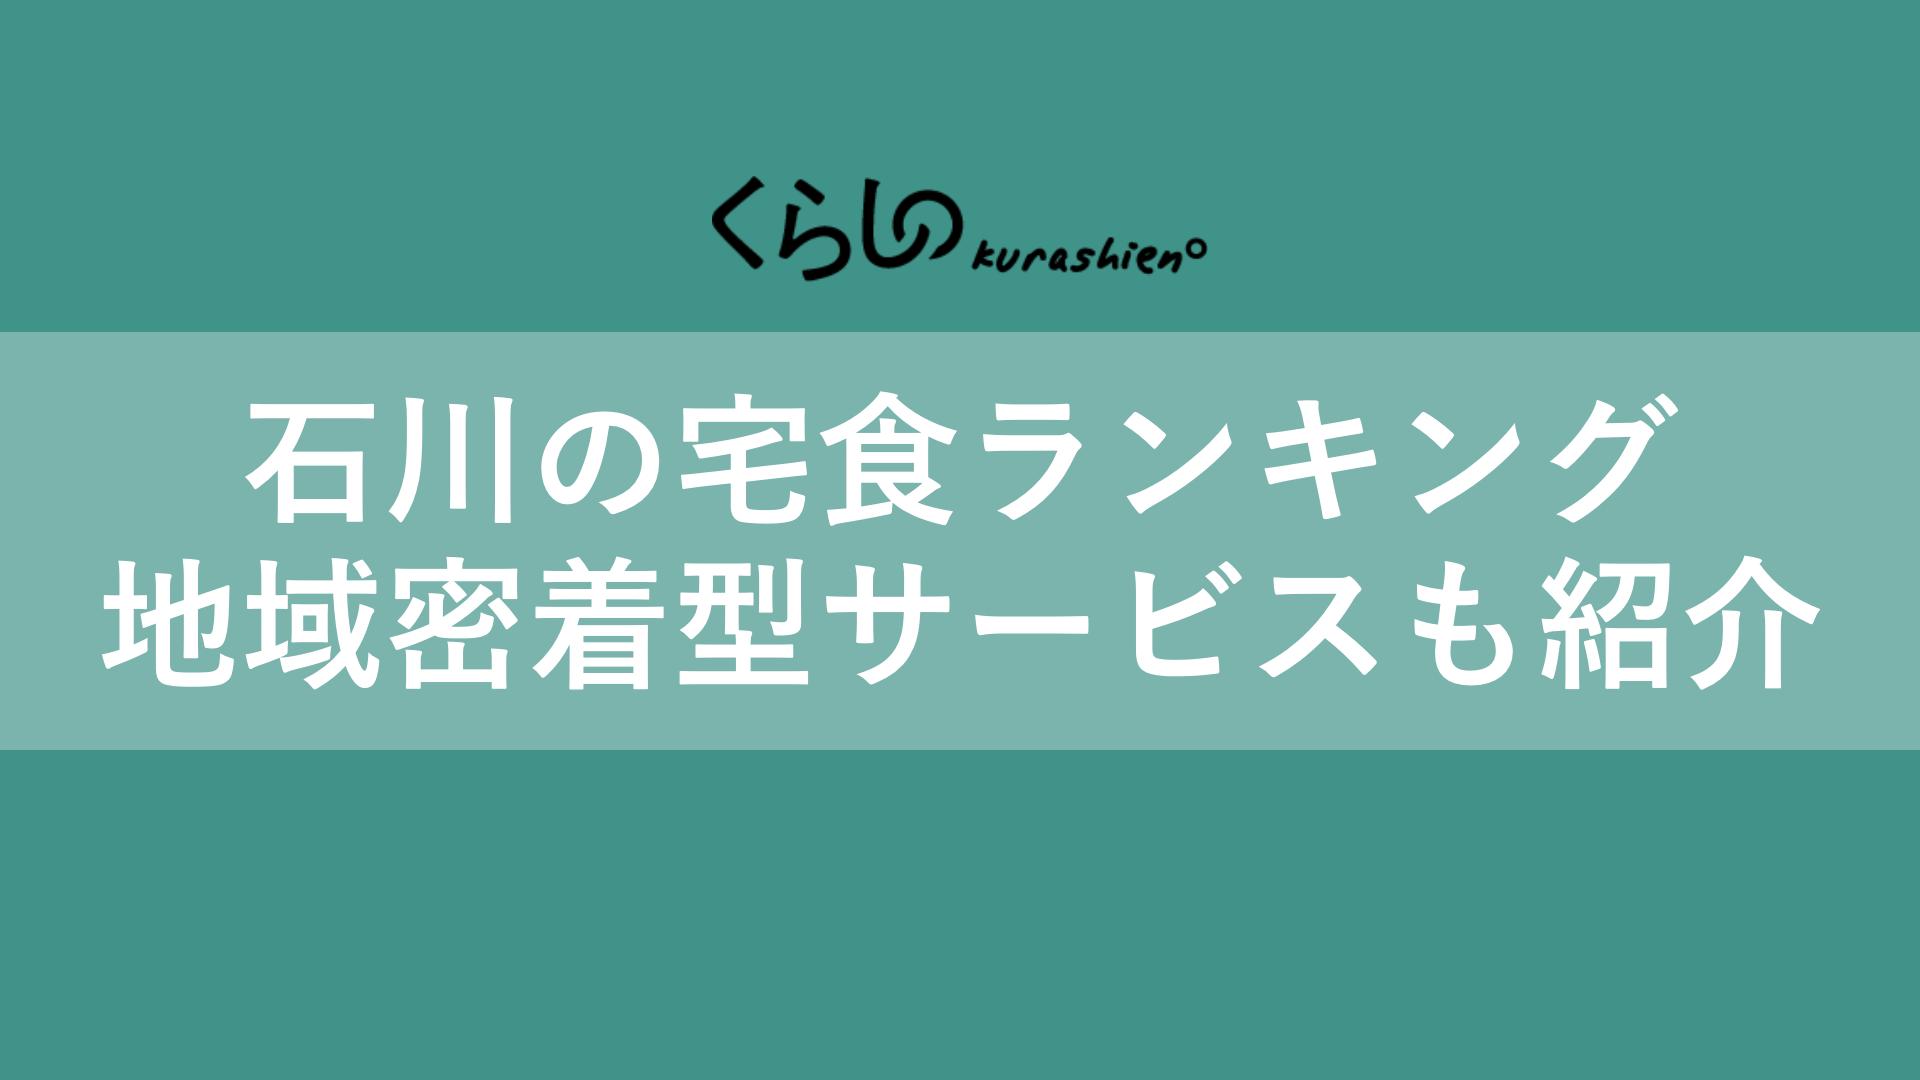 石川県の宅食サービス・宅配弁当おすすめランキング!地域密着型サービスも紹介